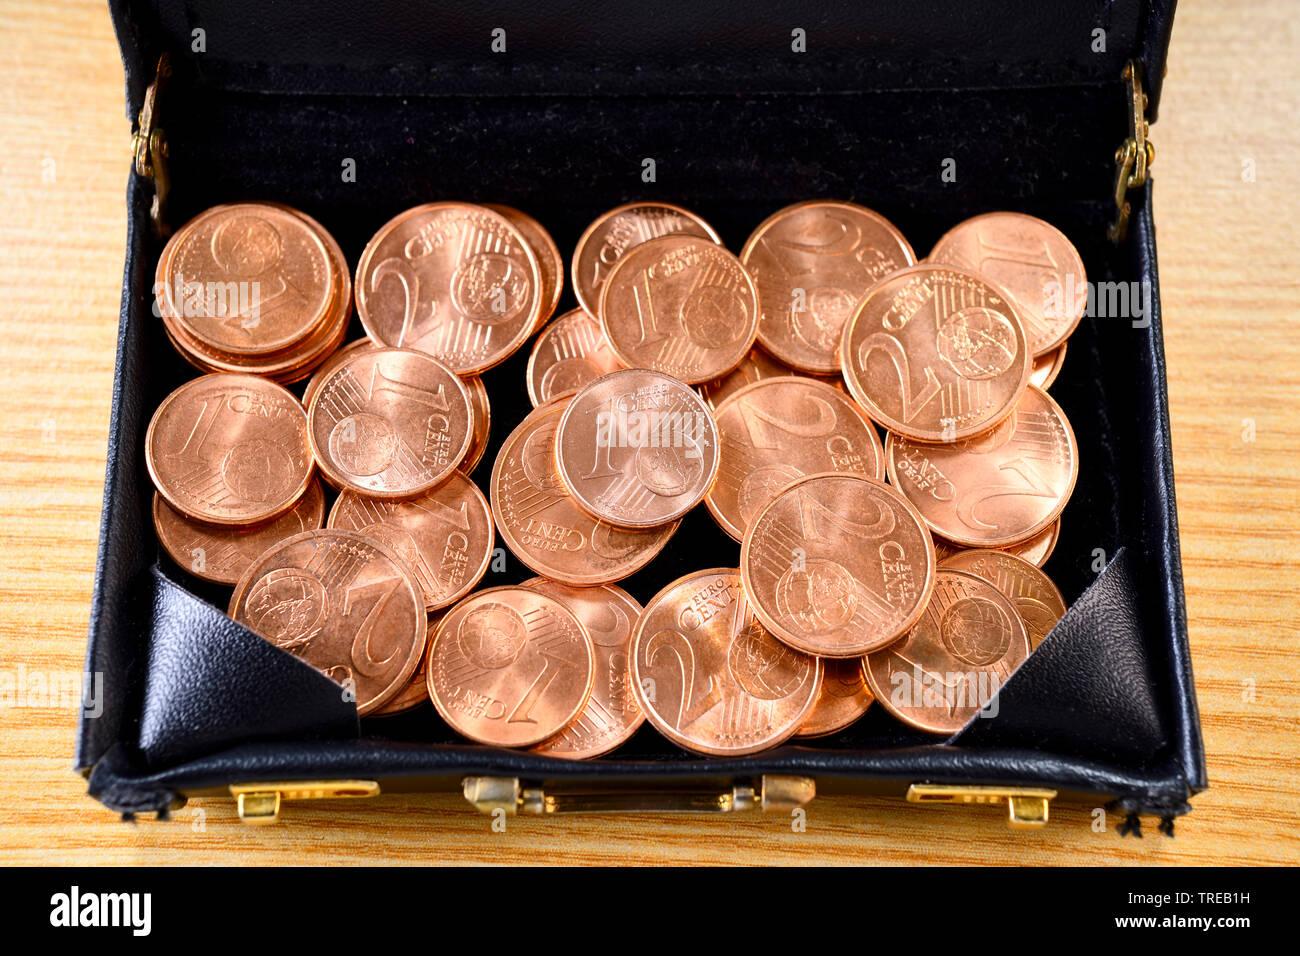 1- und 2-Centmuenzen in einem Aktenkoffer - Diskussion ueber Abschaffung von Kleingeld   1 and 2 Cent coins in a briefcase - discussion about abolishi - Stock Image